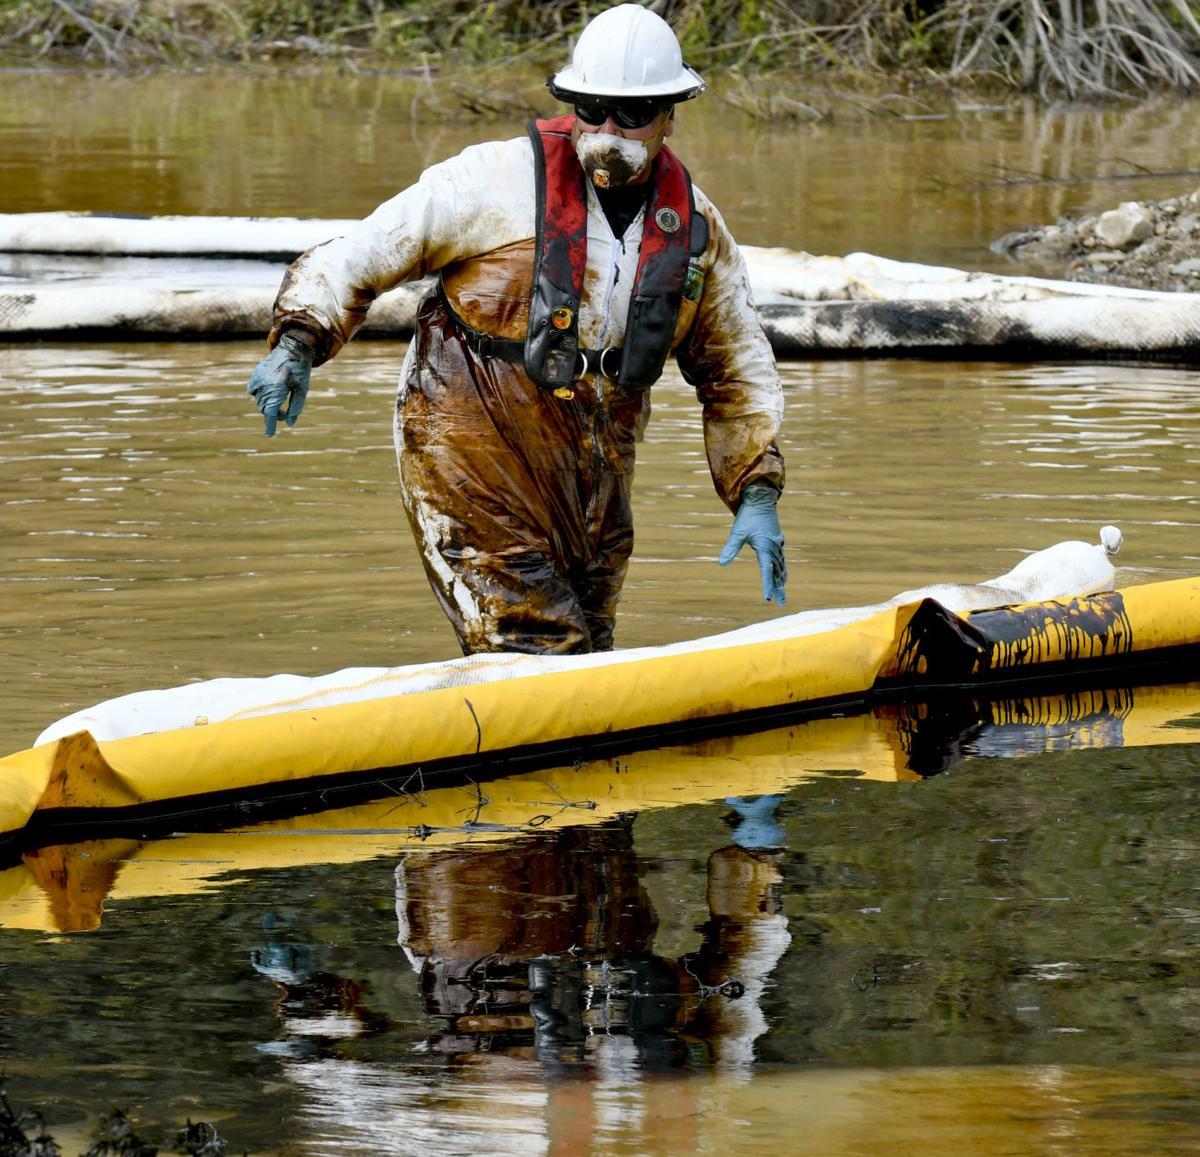 032320 166 oil spill 02.jpg